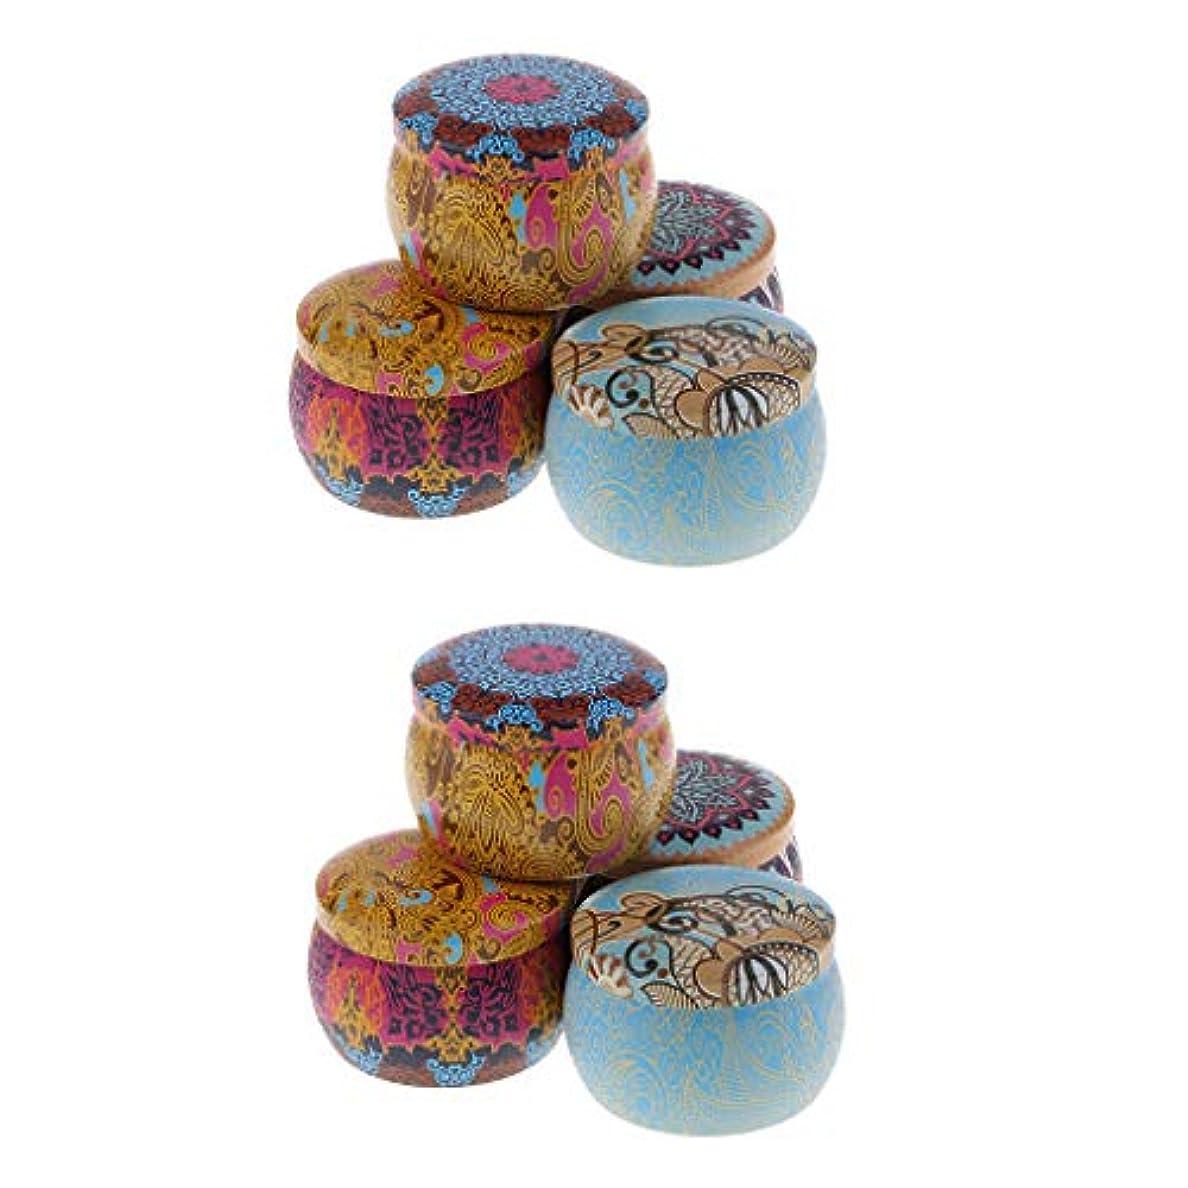 単調なマッサージセラフアロマキャンドル 缶キャンドル 香りキャンドル スポータブル ナショナルスタイル 8個入り